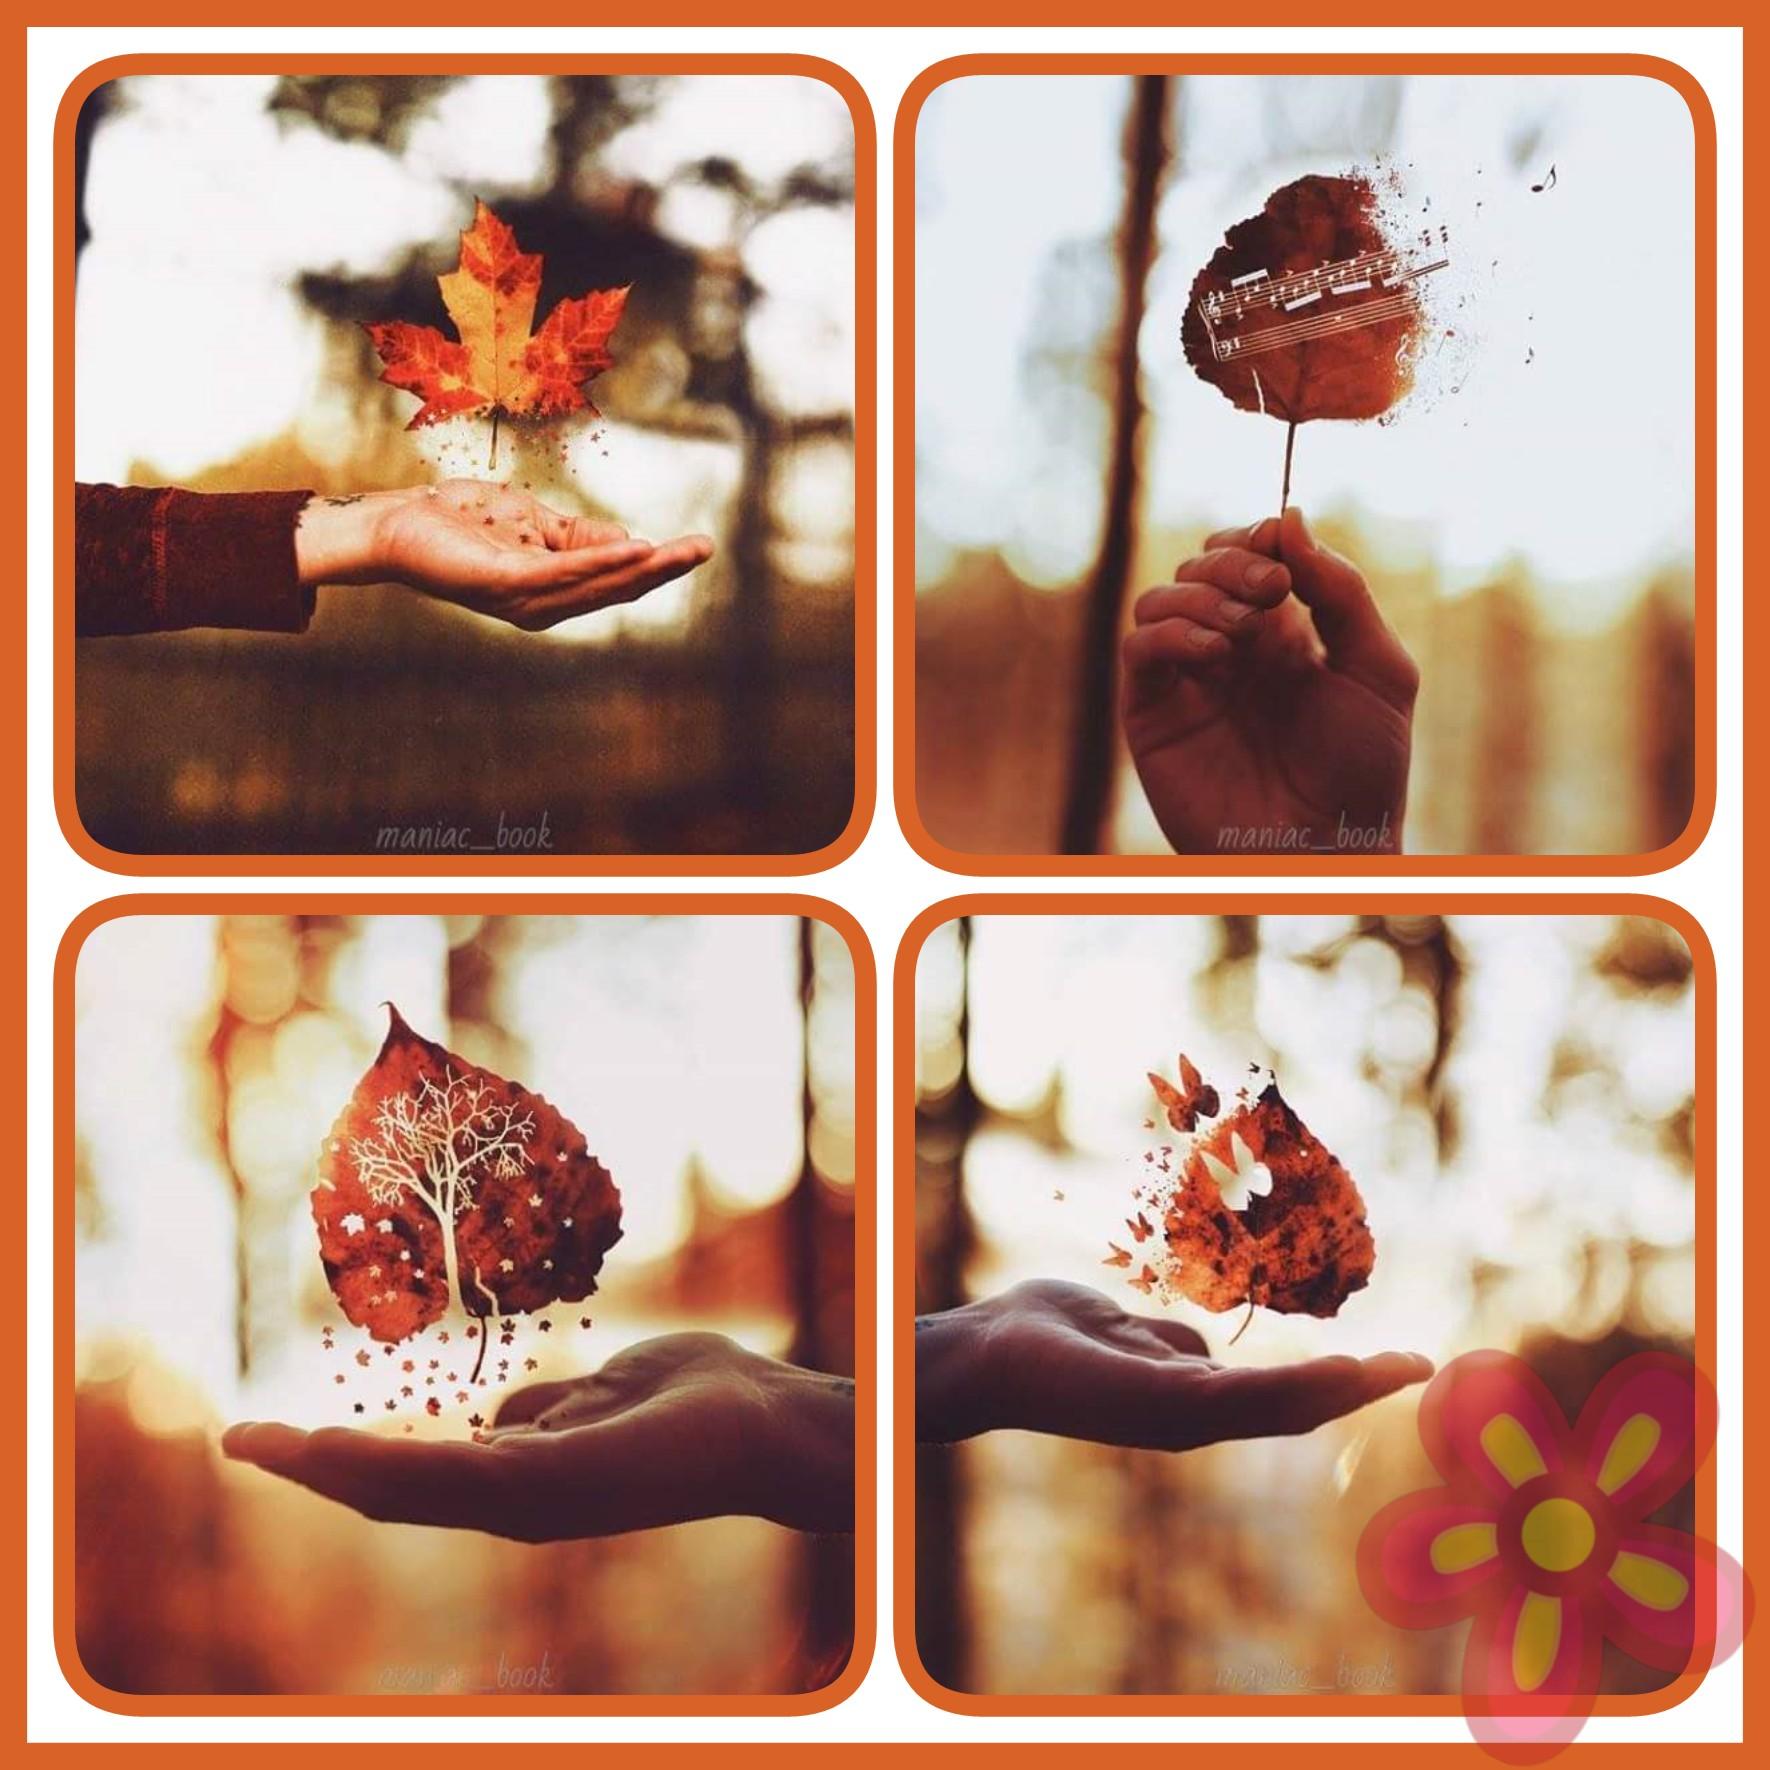 Что за сила играет человеком, пронзает ему грудь, захватывает сердце?